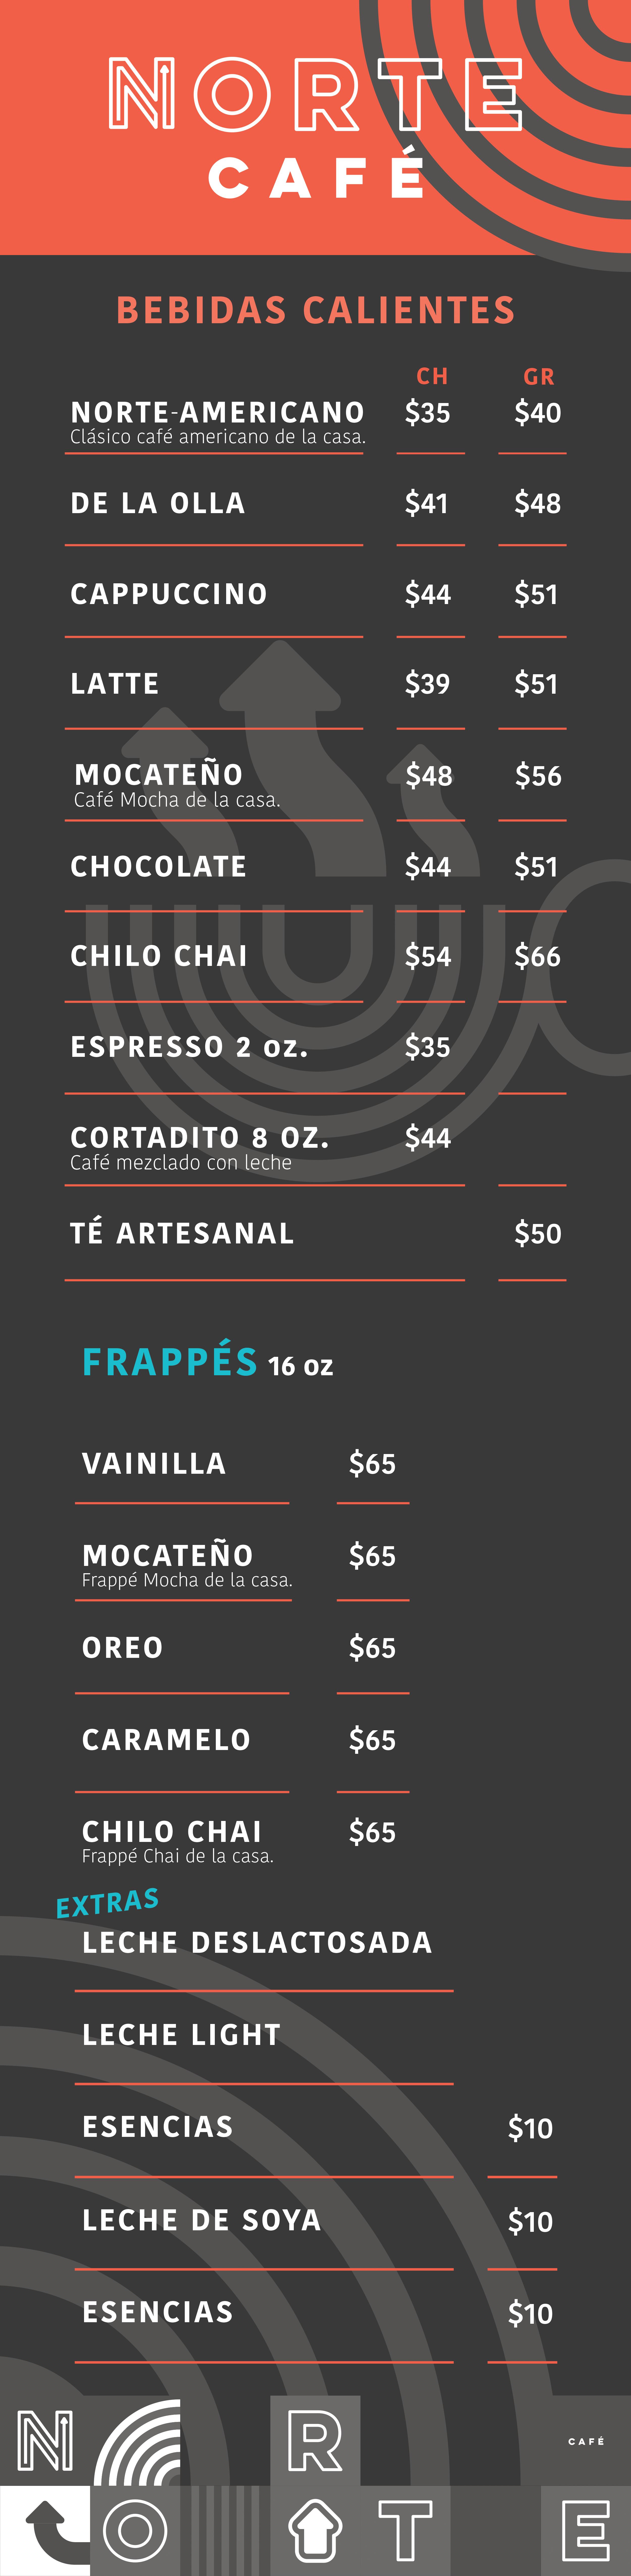 Menú Norte Café - Enero